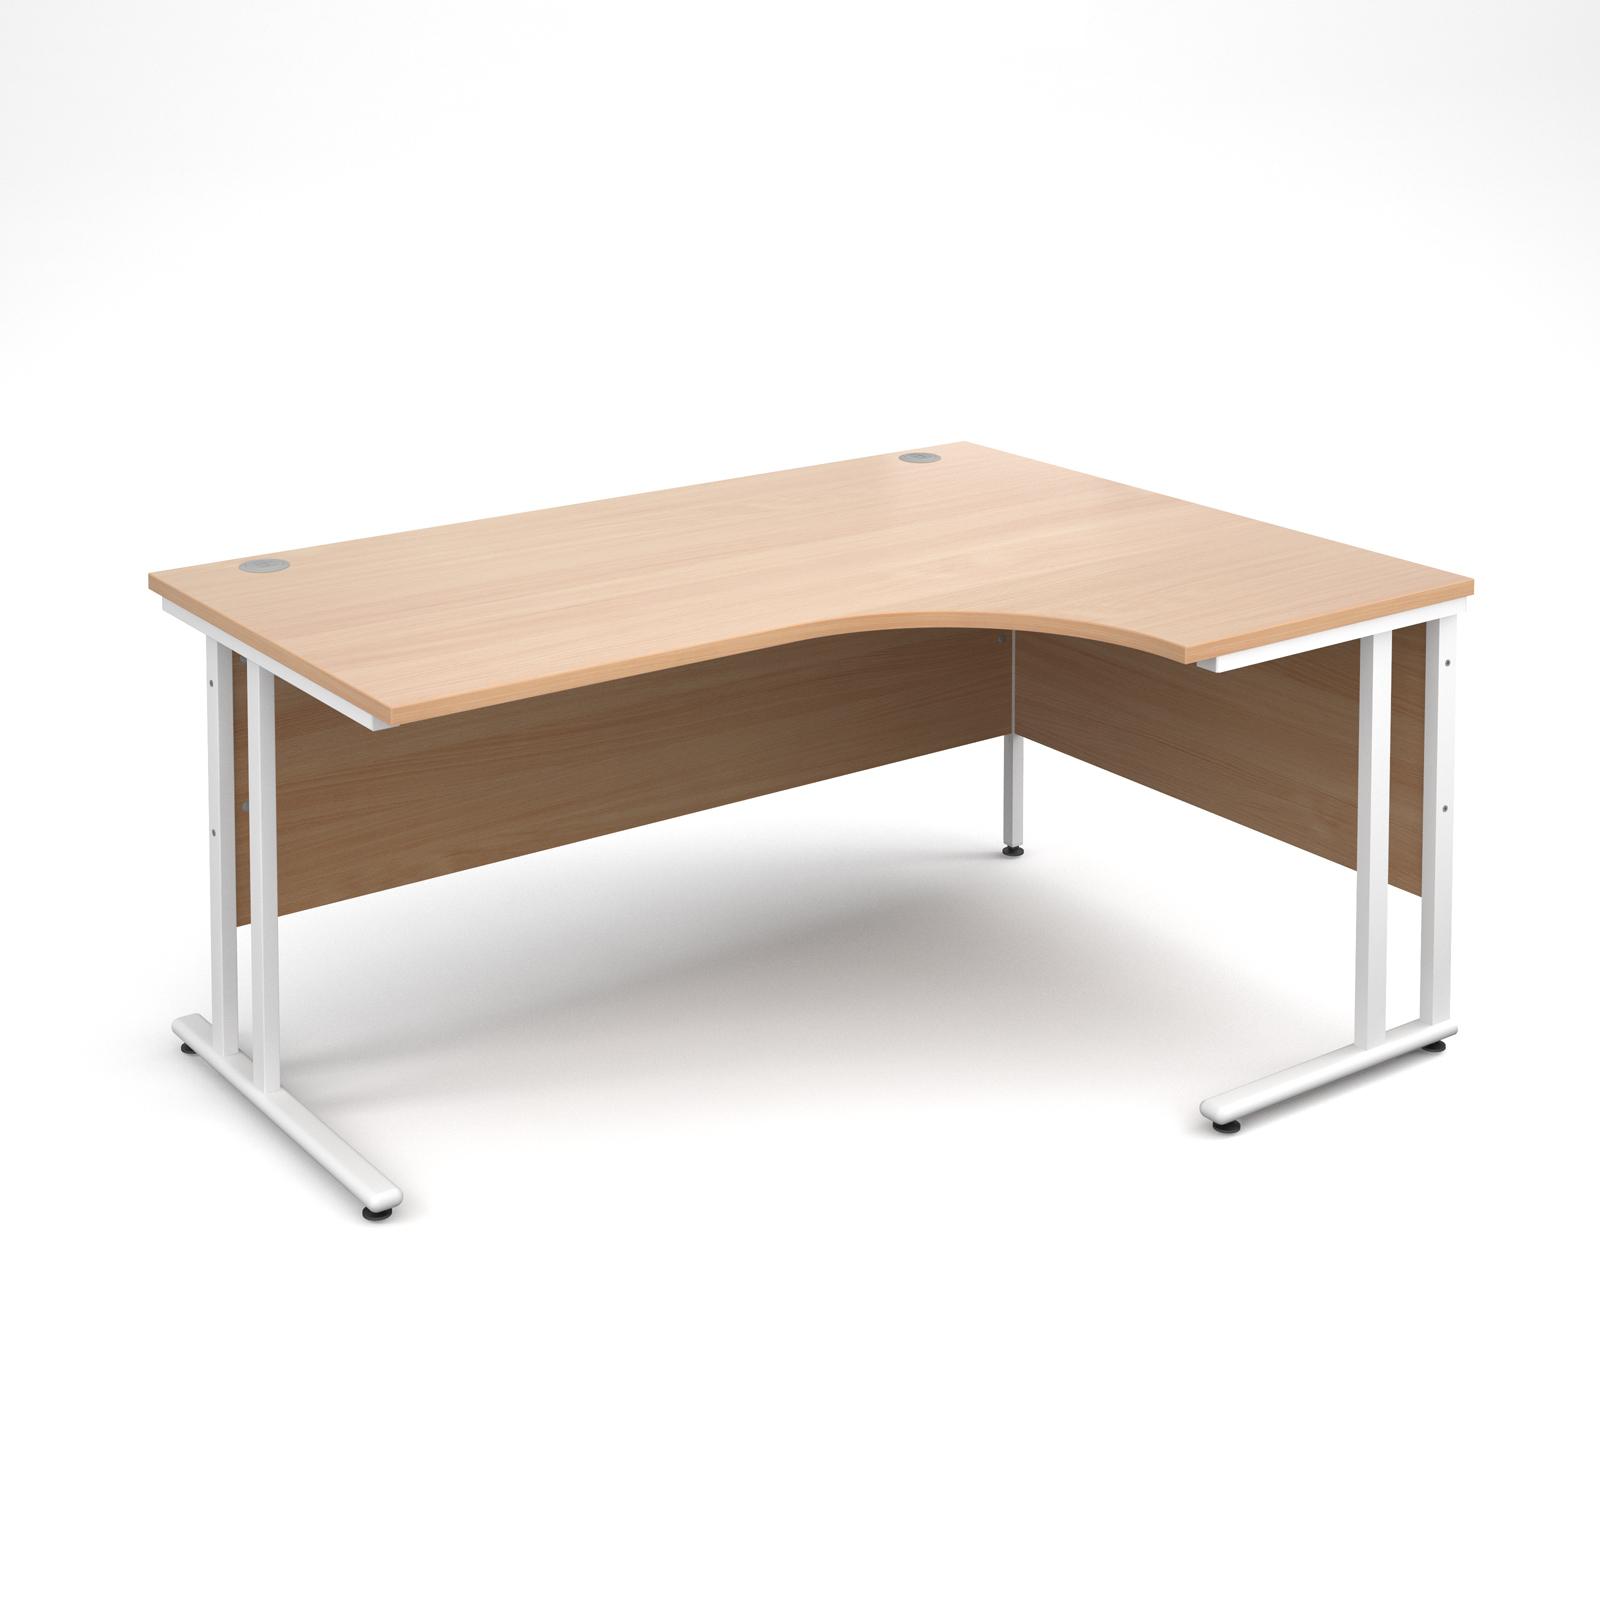 Maestro 25 WL right hand ergonomic desk 1600mm - white cantilever frame, beech top